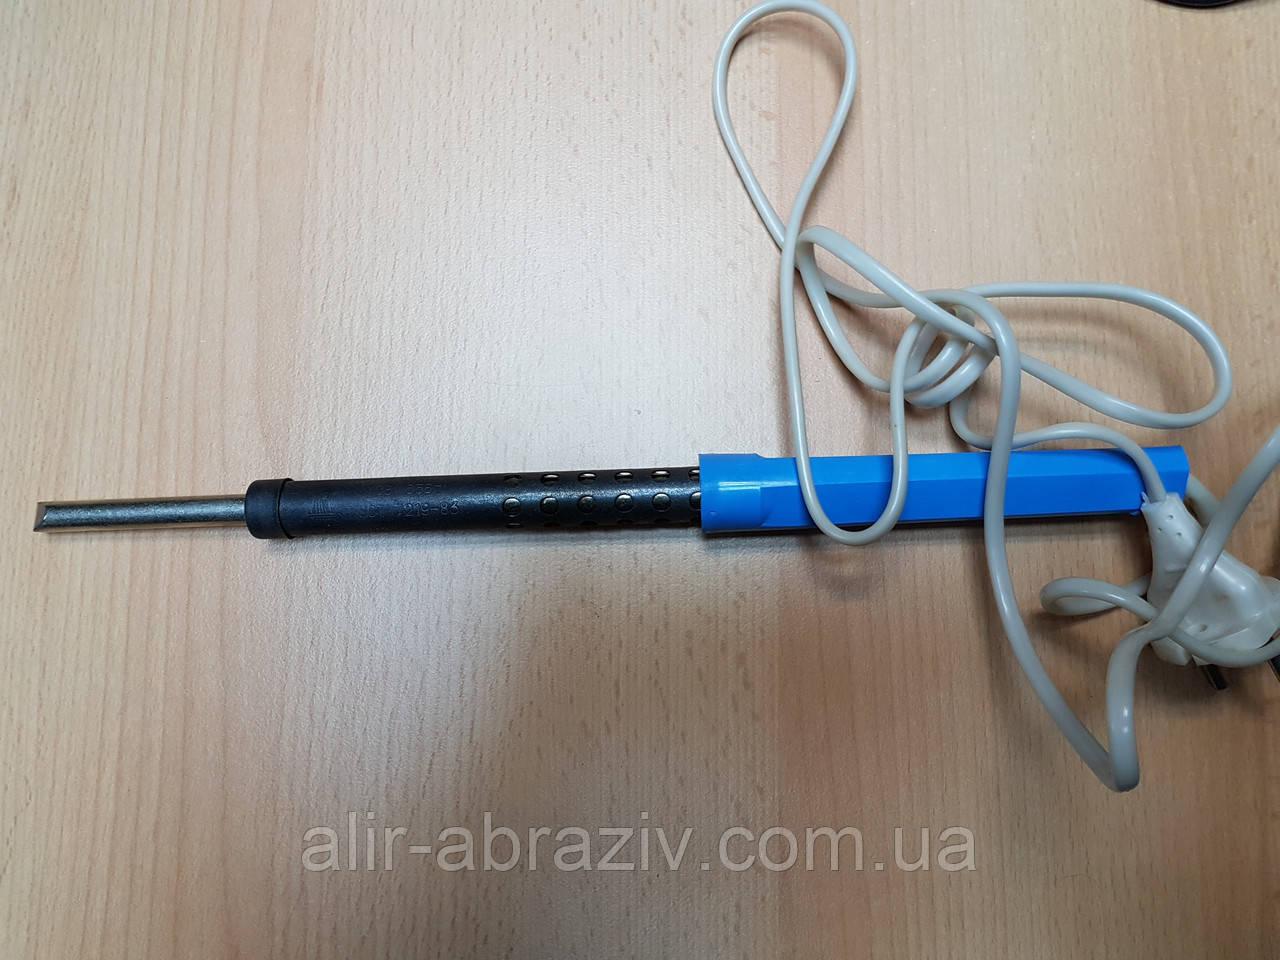 Паяльник ЭПСН-40/40